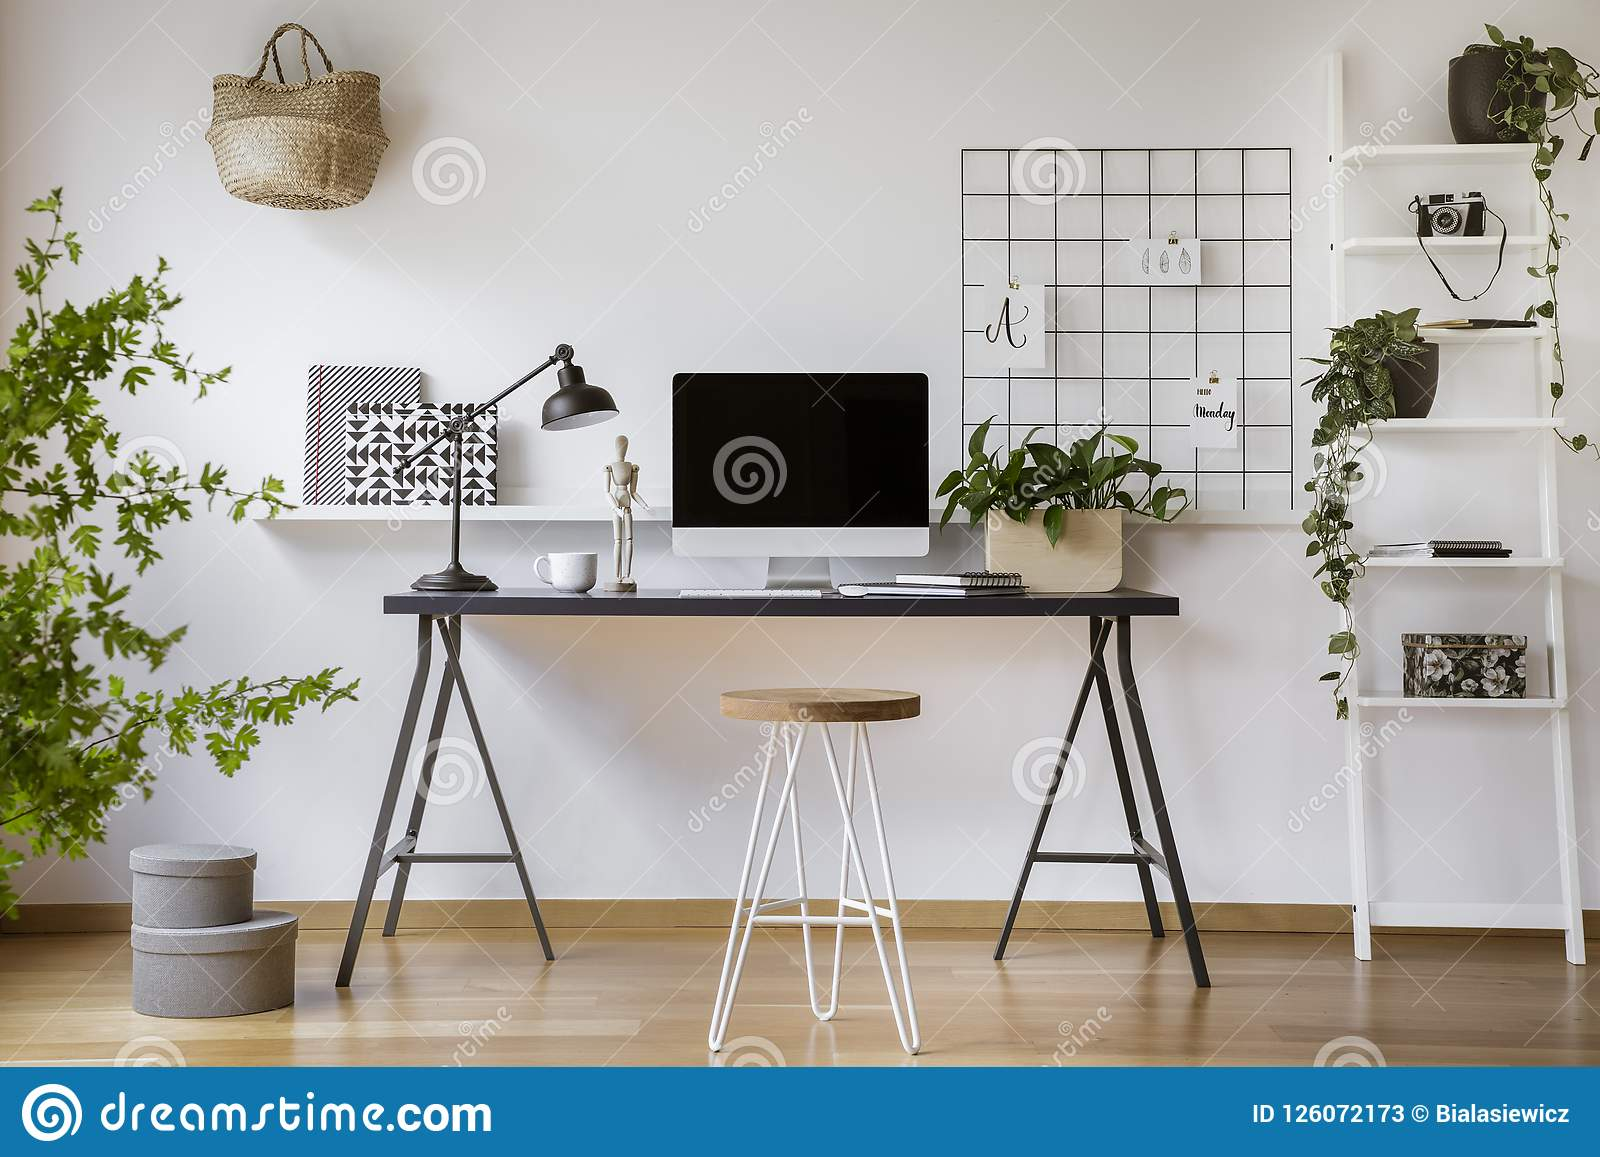 支持有大模型屏幕、金属灯和咖啡杯的簪子凳子木书桌在真正的照片白色家庭offic